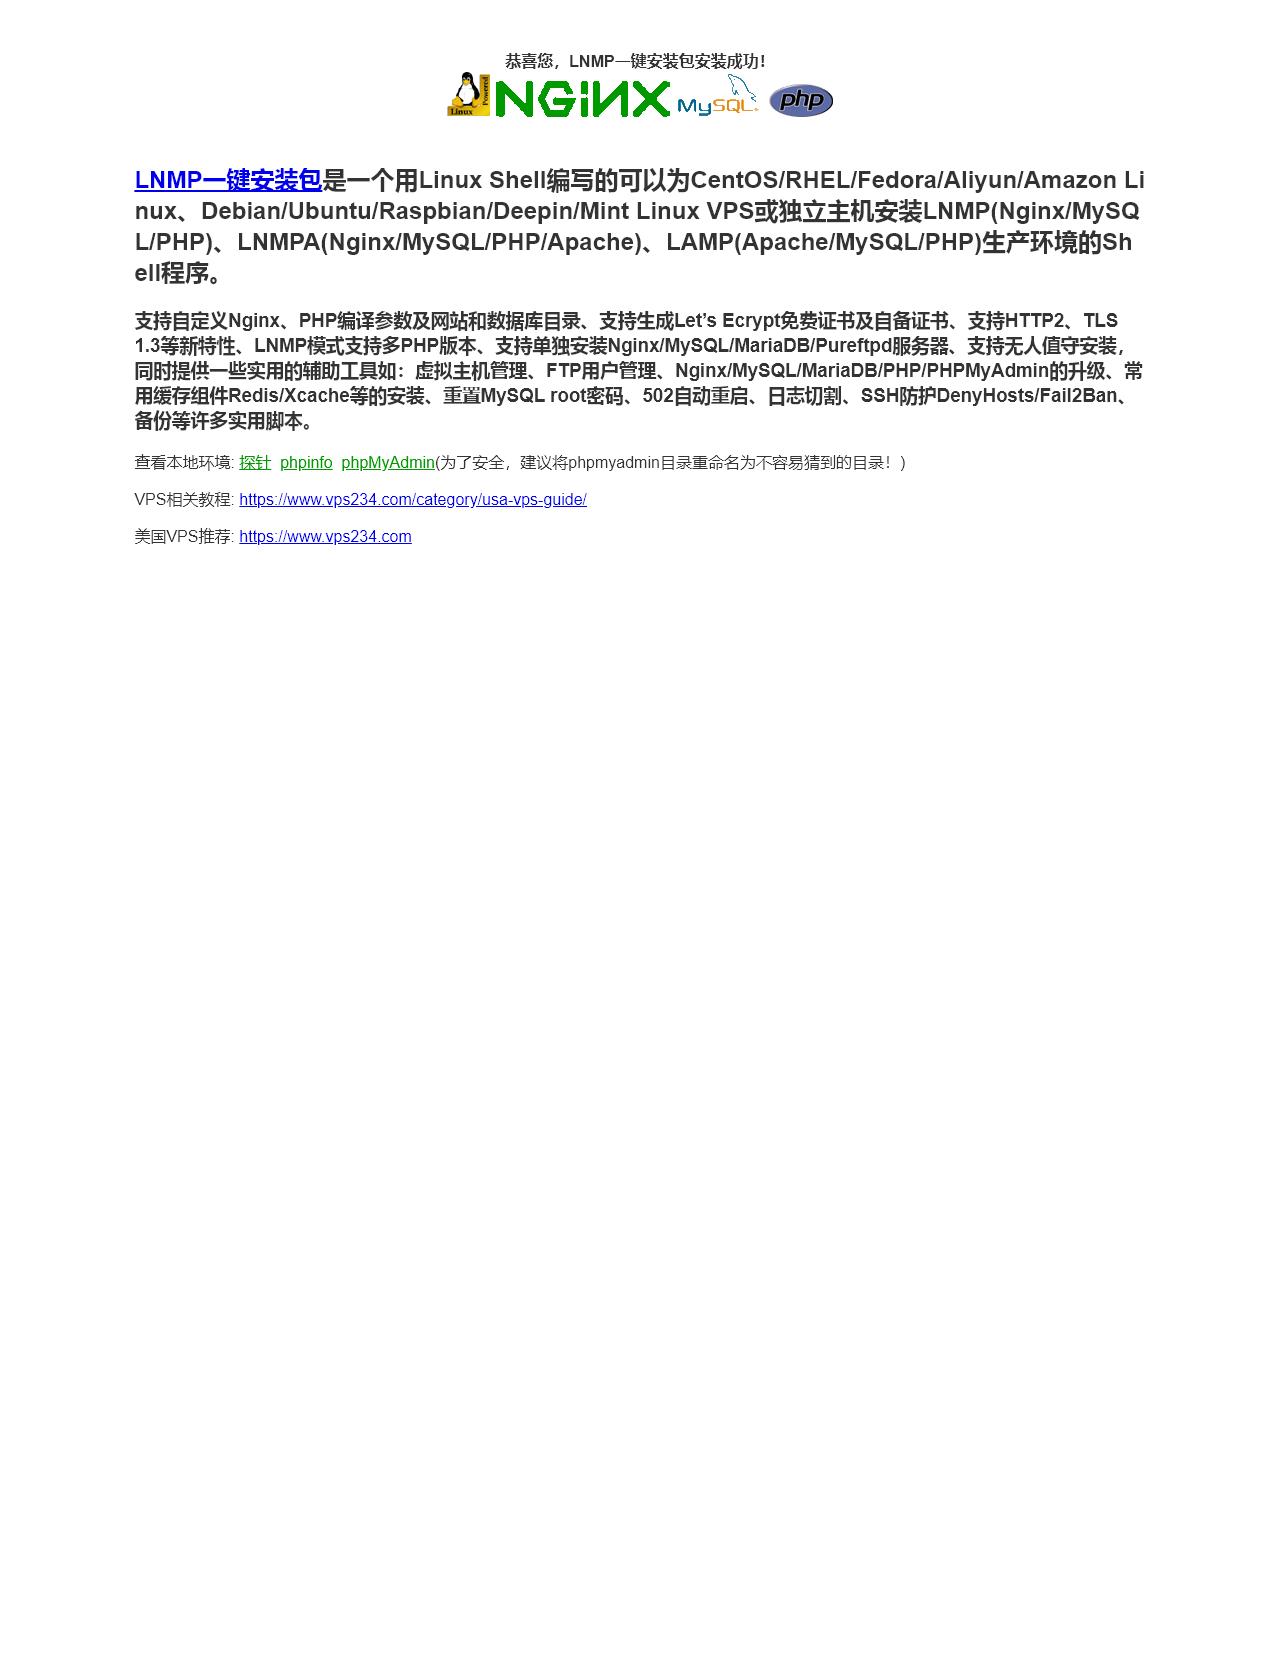 Screenshot Desktop - https://yan-ziang.com/